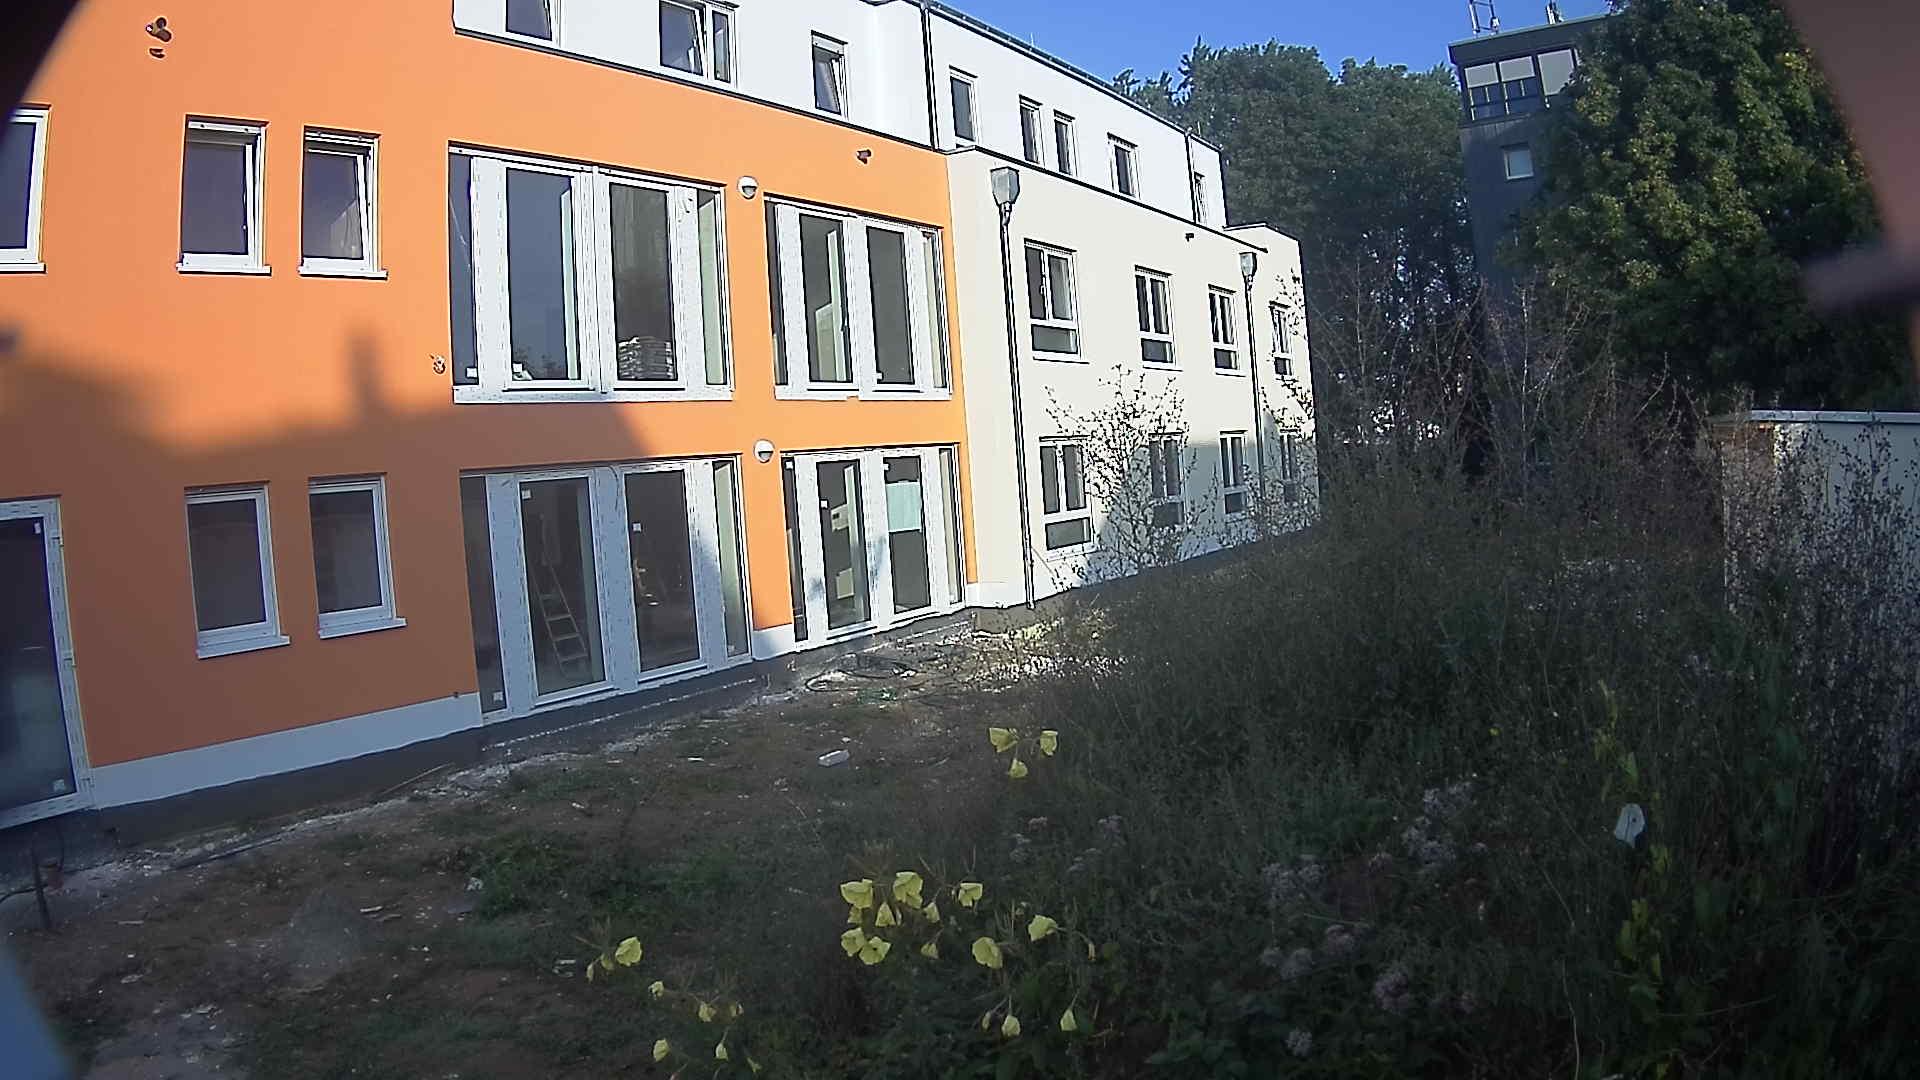 Webcam von der Baustelle in Aachen